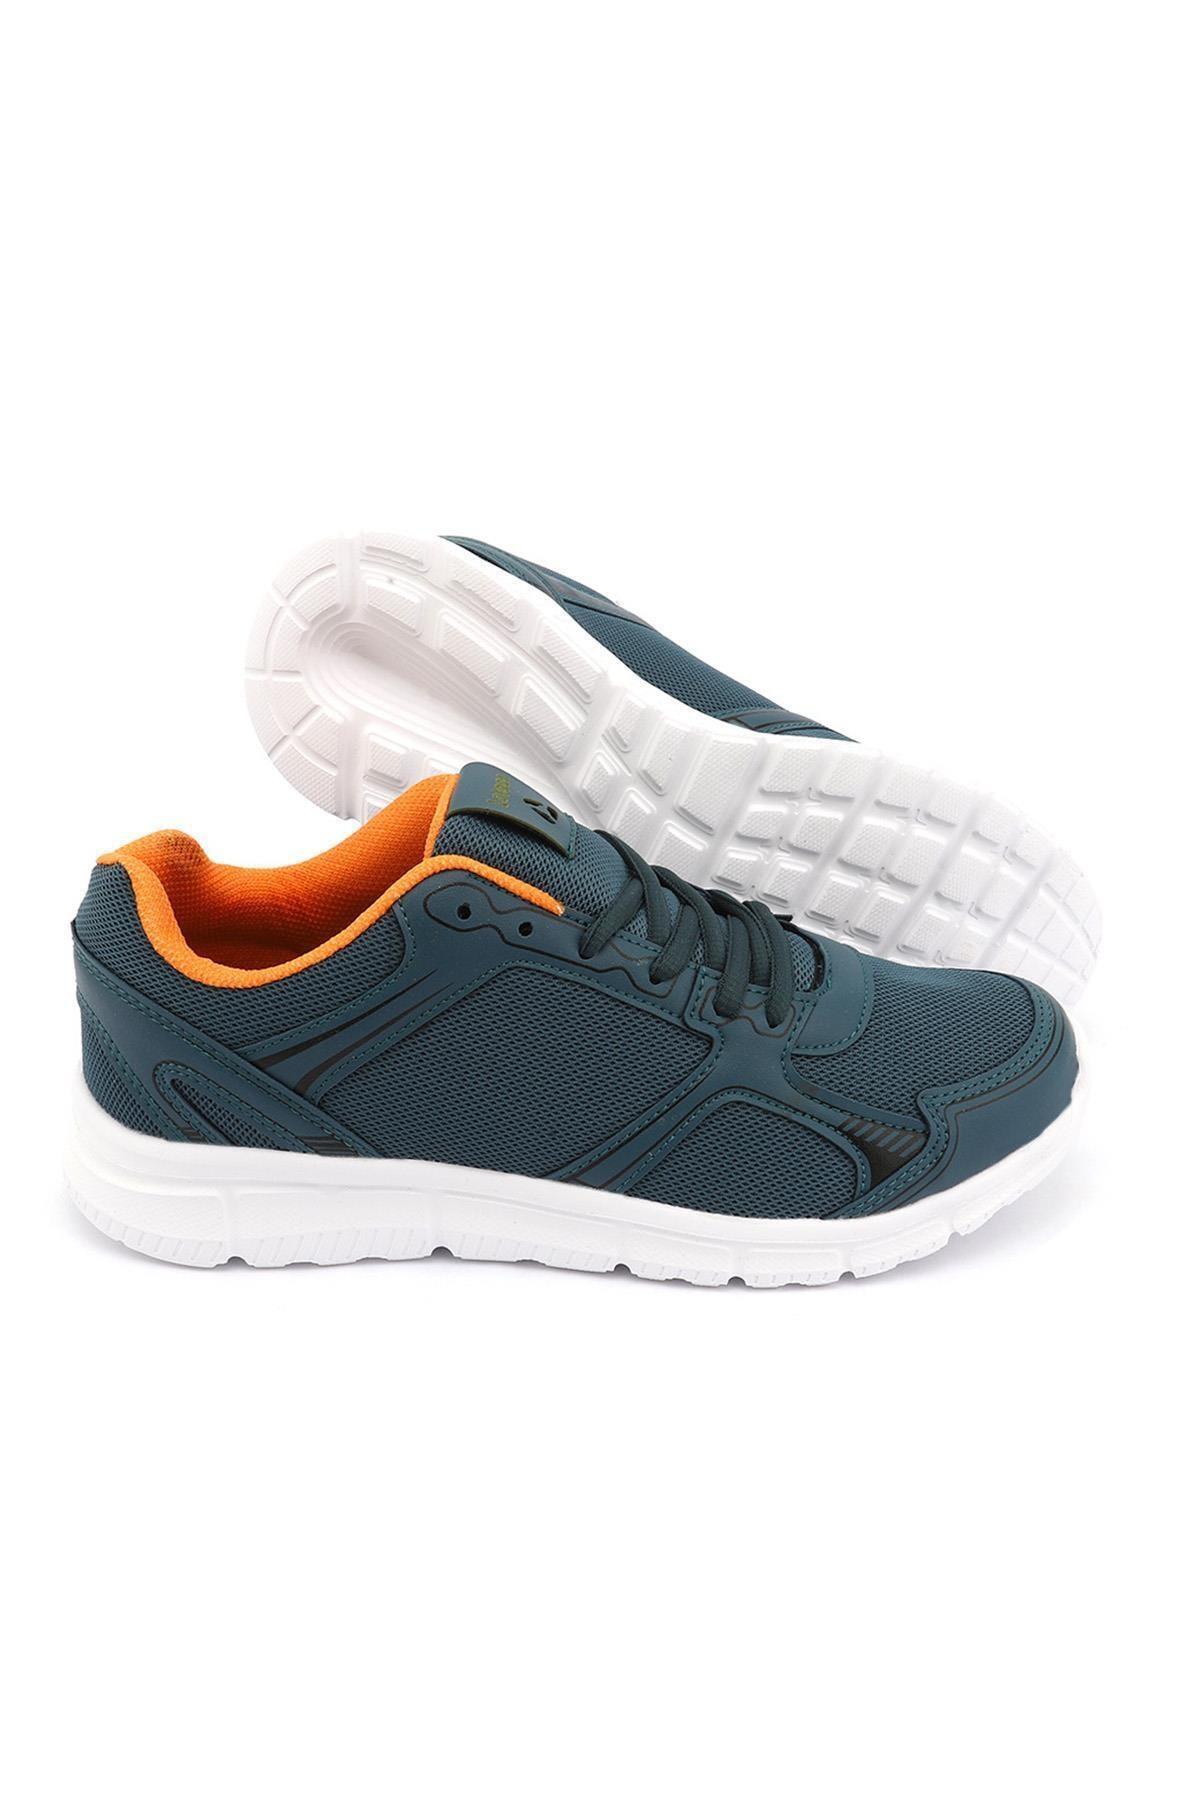 LETOON 2085 Erkek Spor Ayakkabı 2